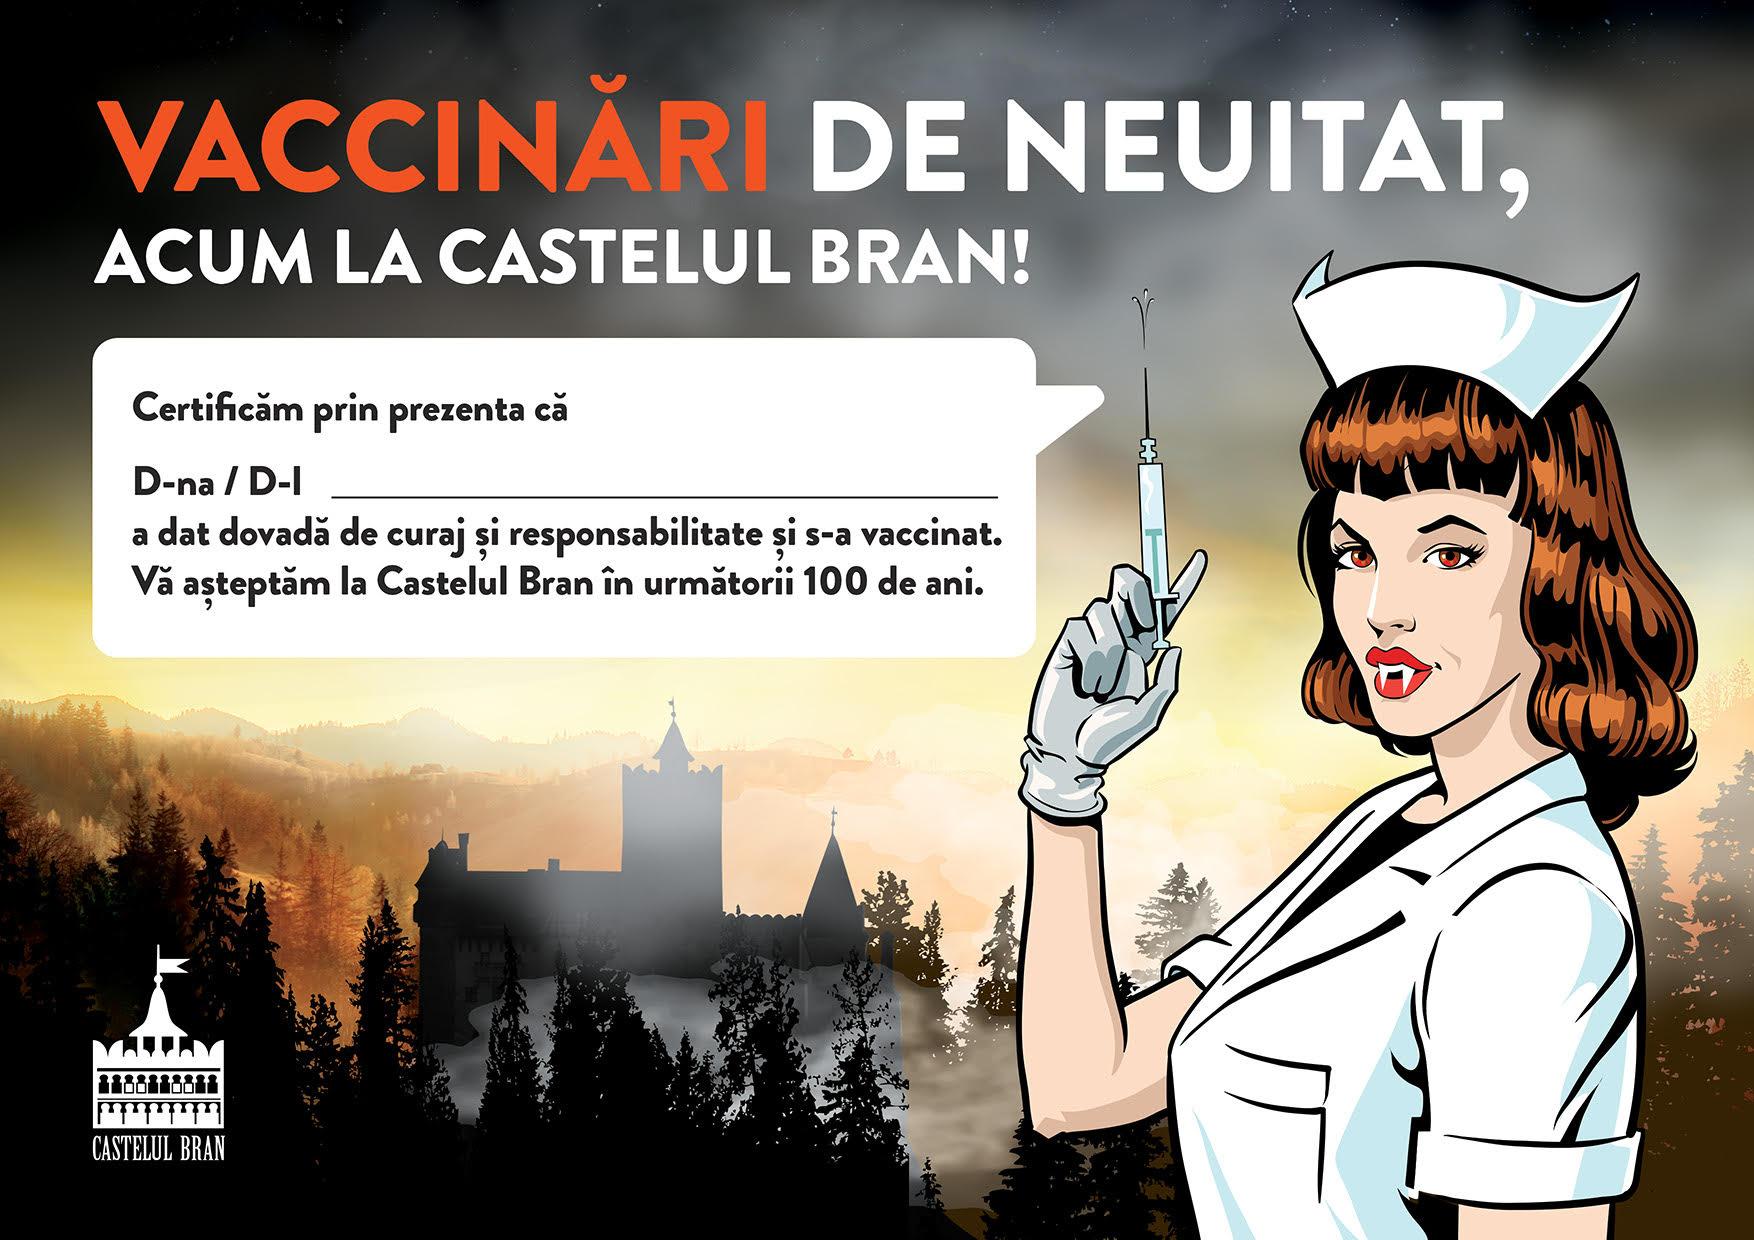 Castelul Bran campanie de vaccinare